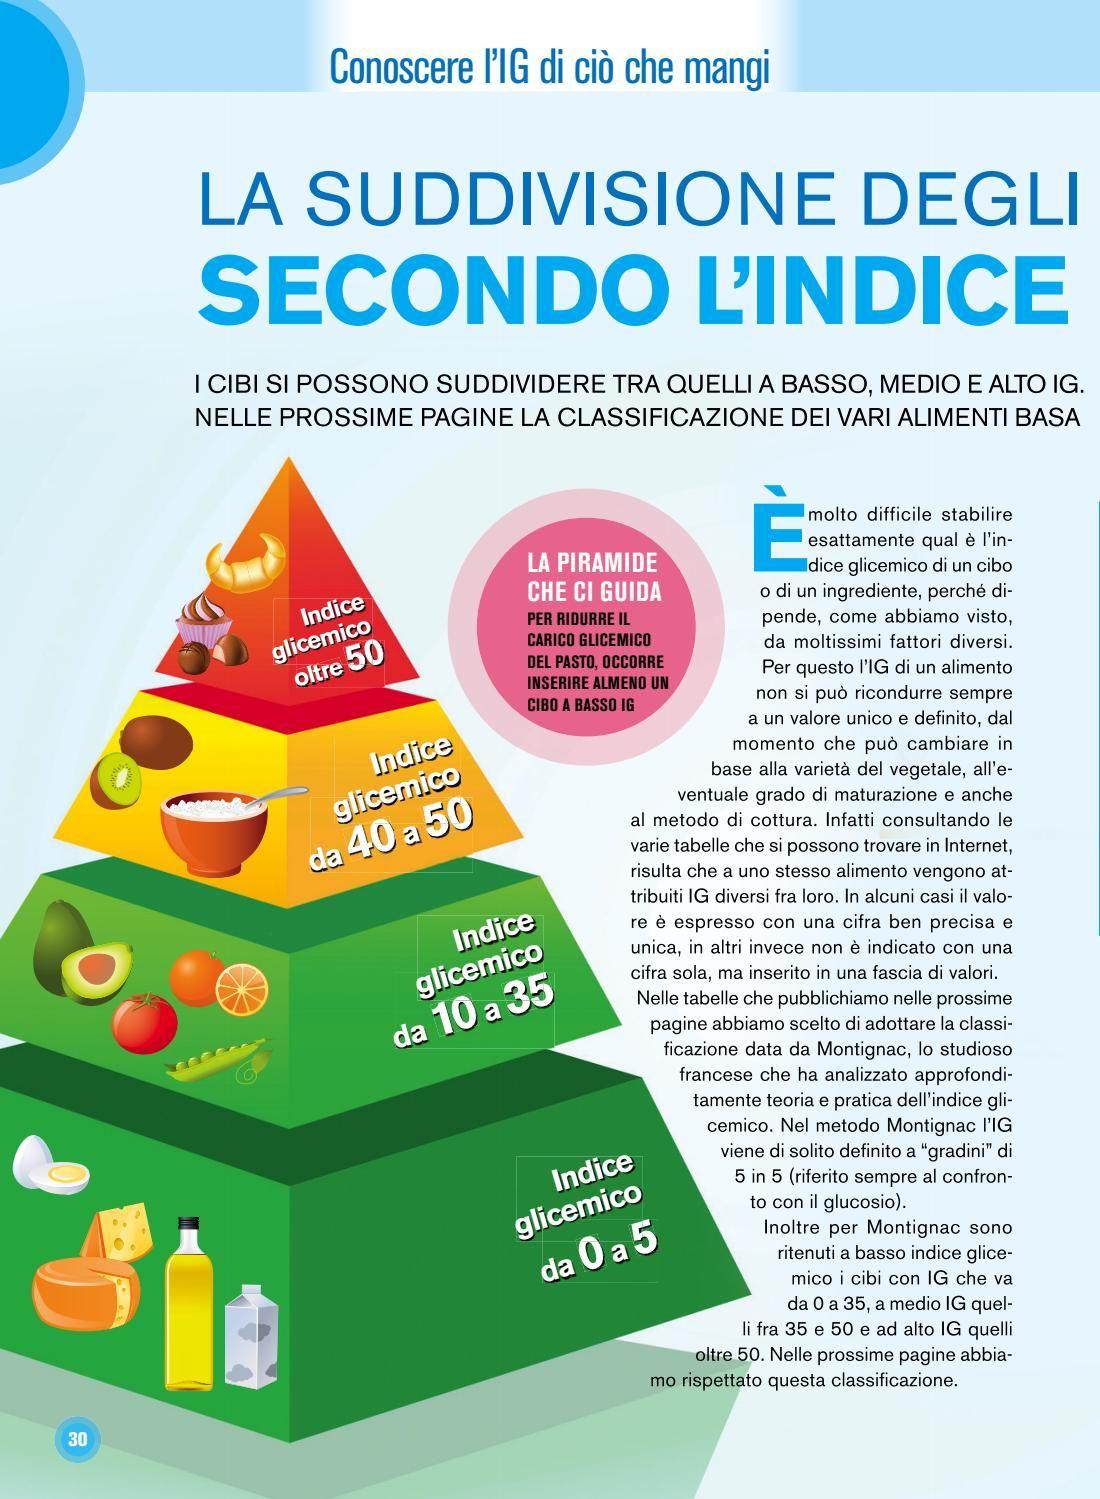 La Fantastica Dieta Dell 39 Indice Glicemico Salute E Benessere Consigli Alimentari Salute